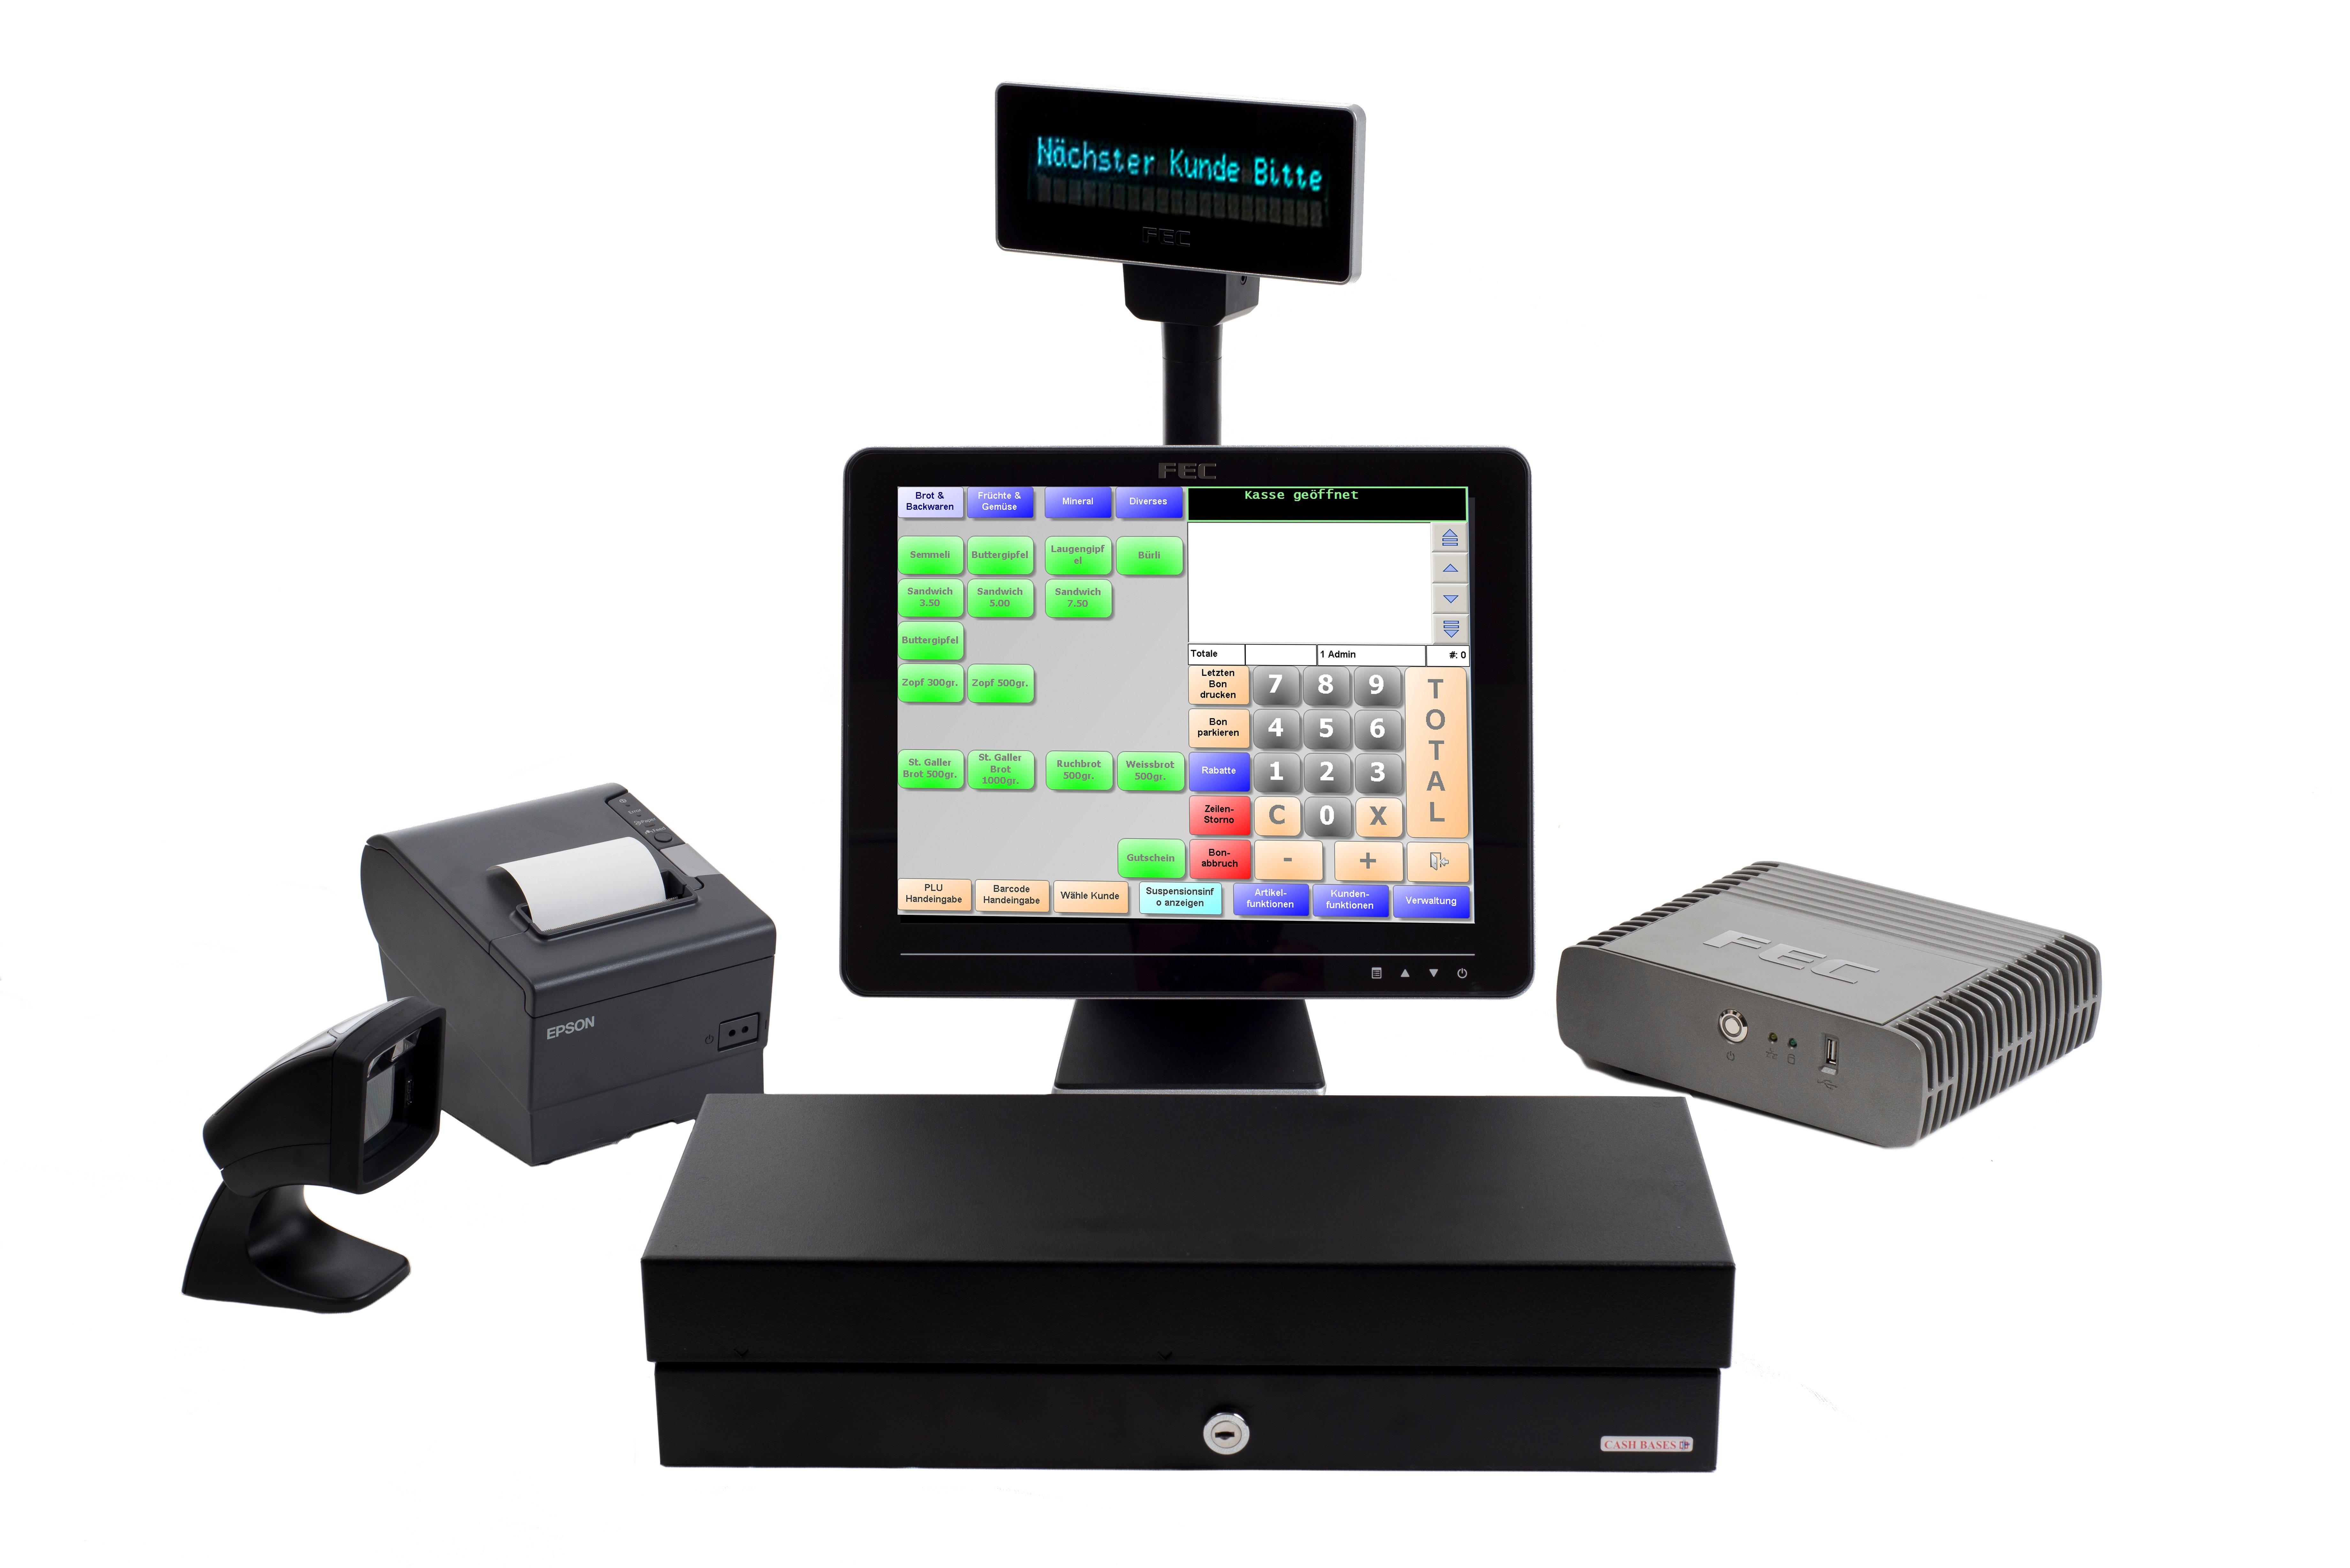 FEC Tourchscreen-Kasse mit Schublade, Scanner, Bondrucker und Anzeige